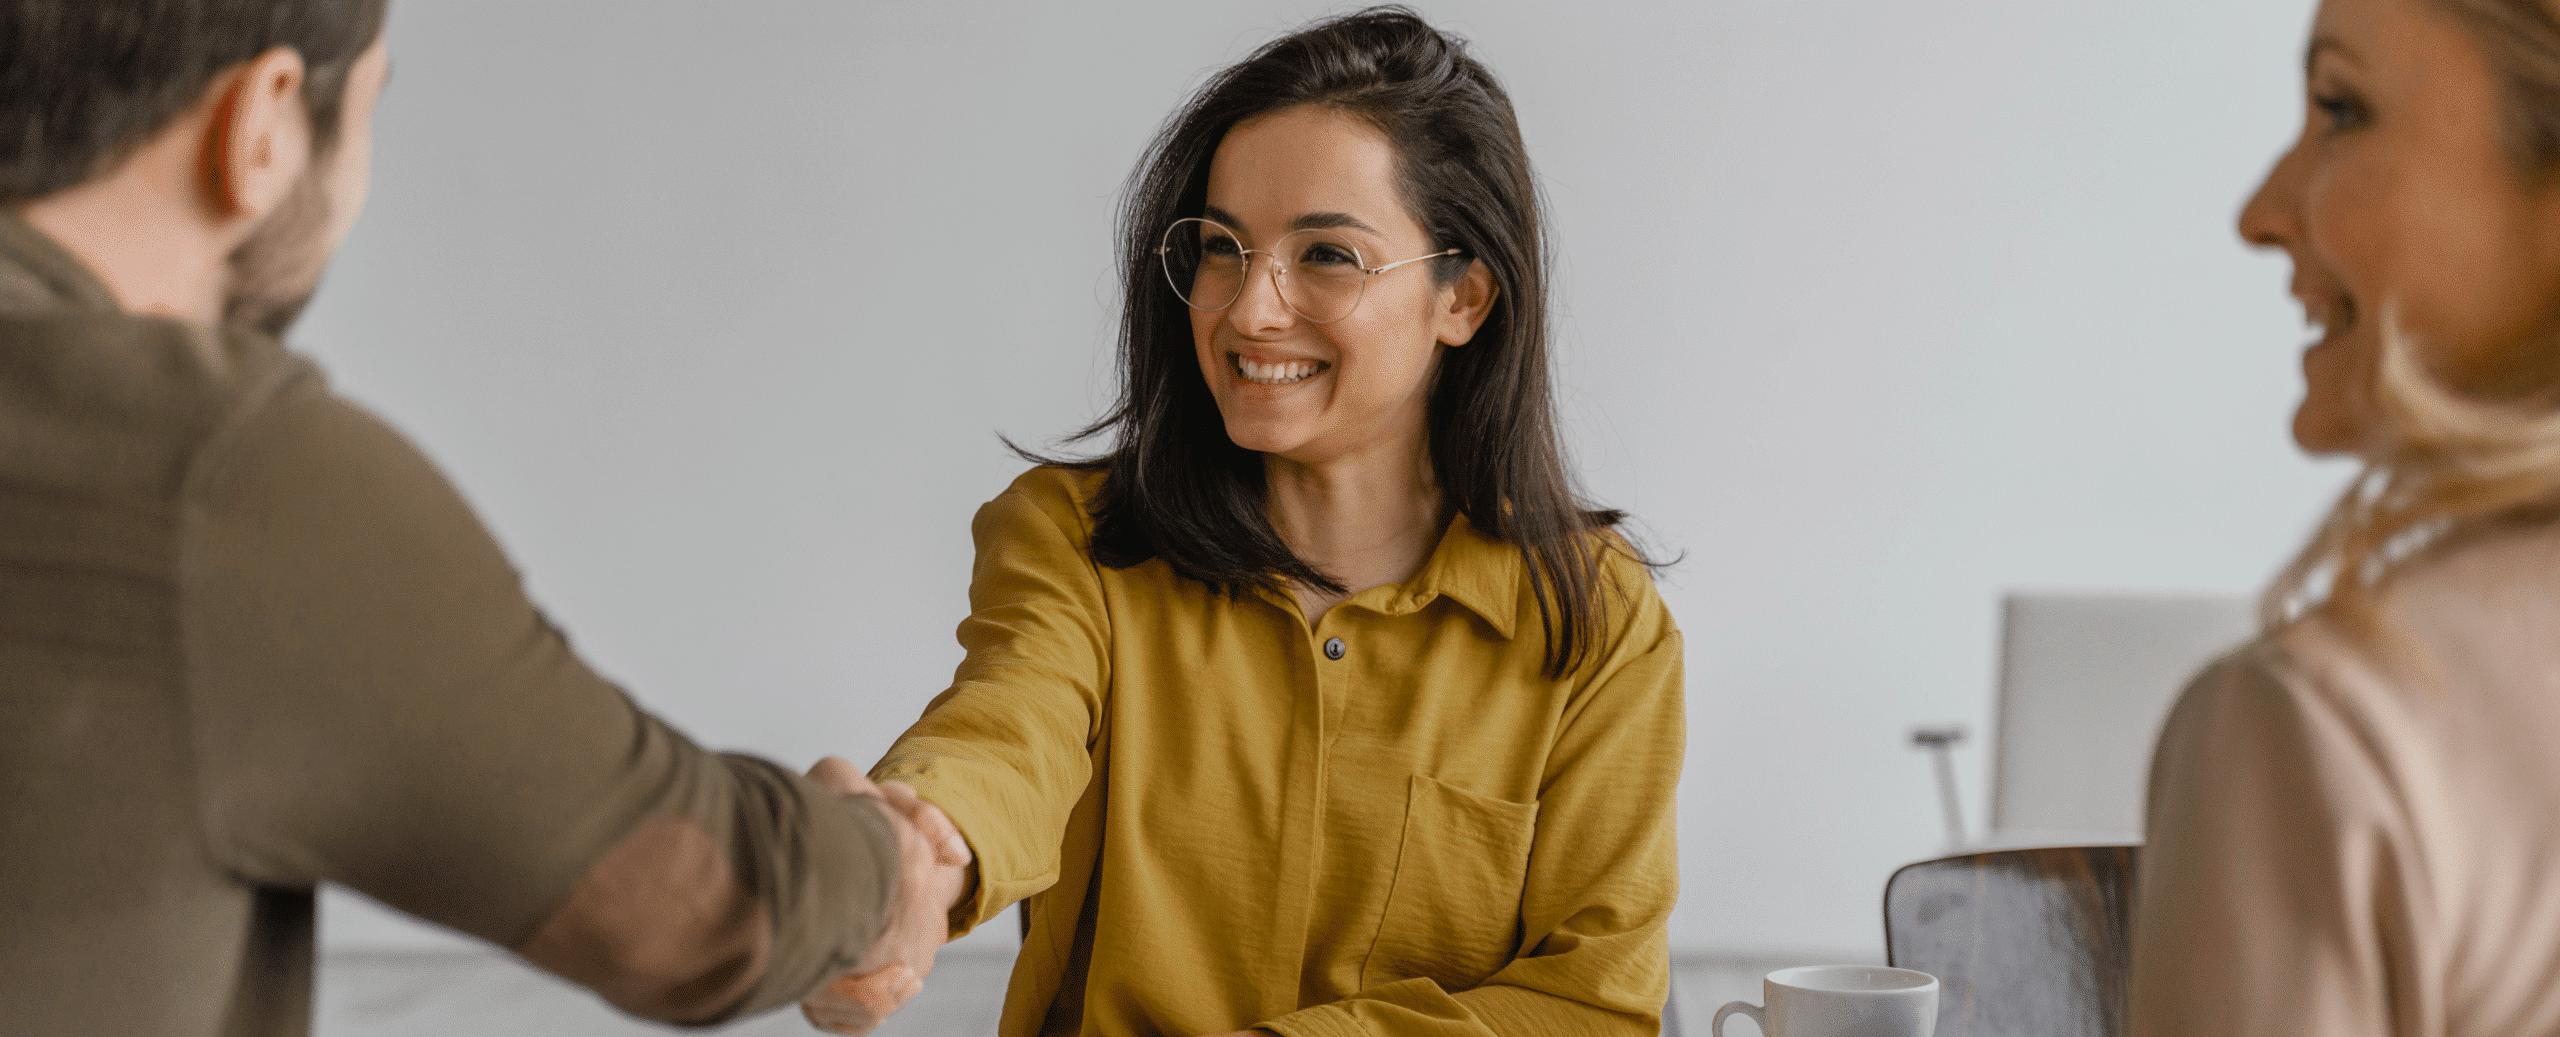 Jeune femme souriante qui serre la main à un manager